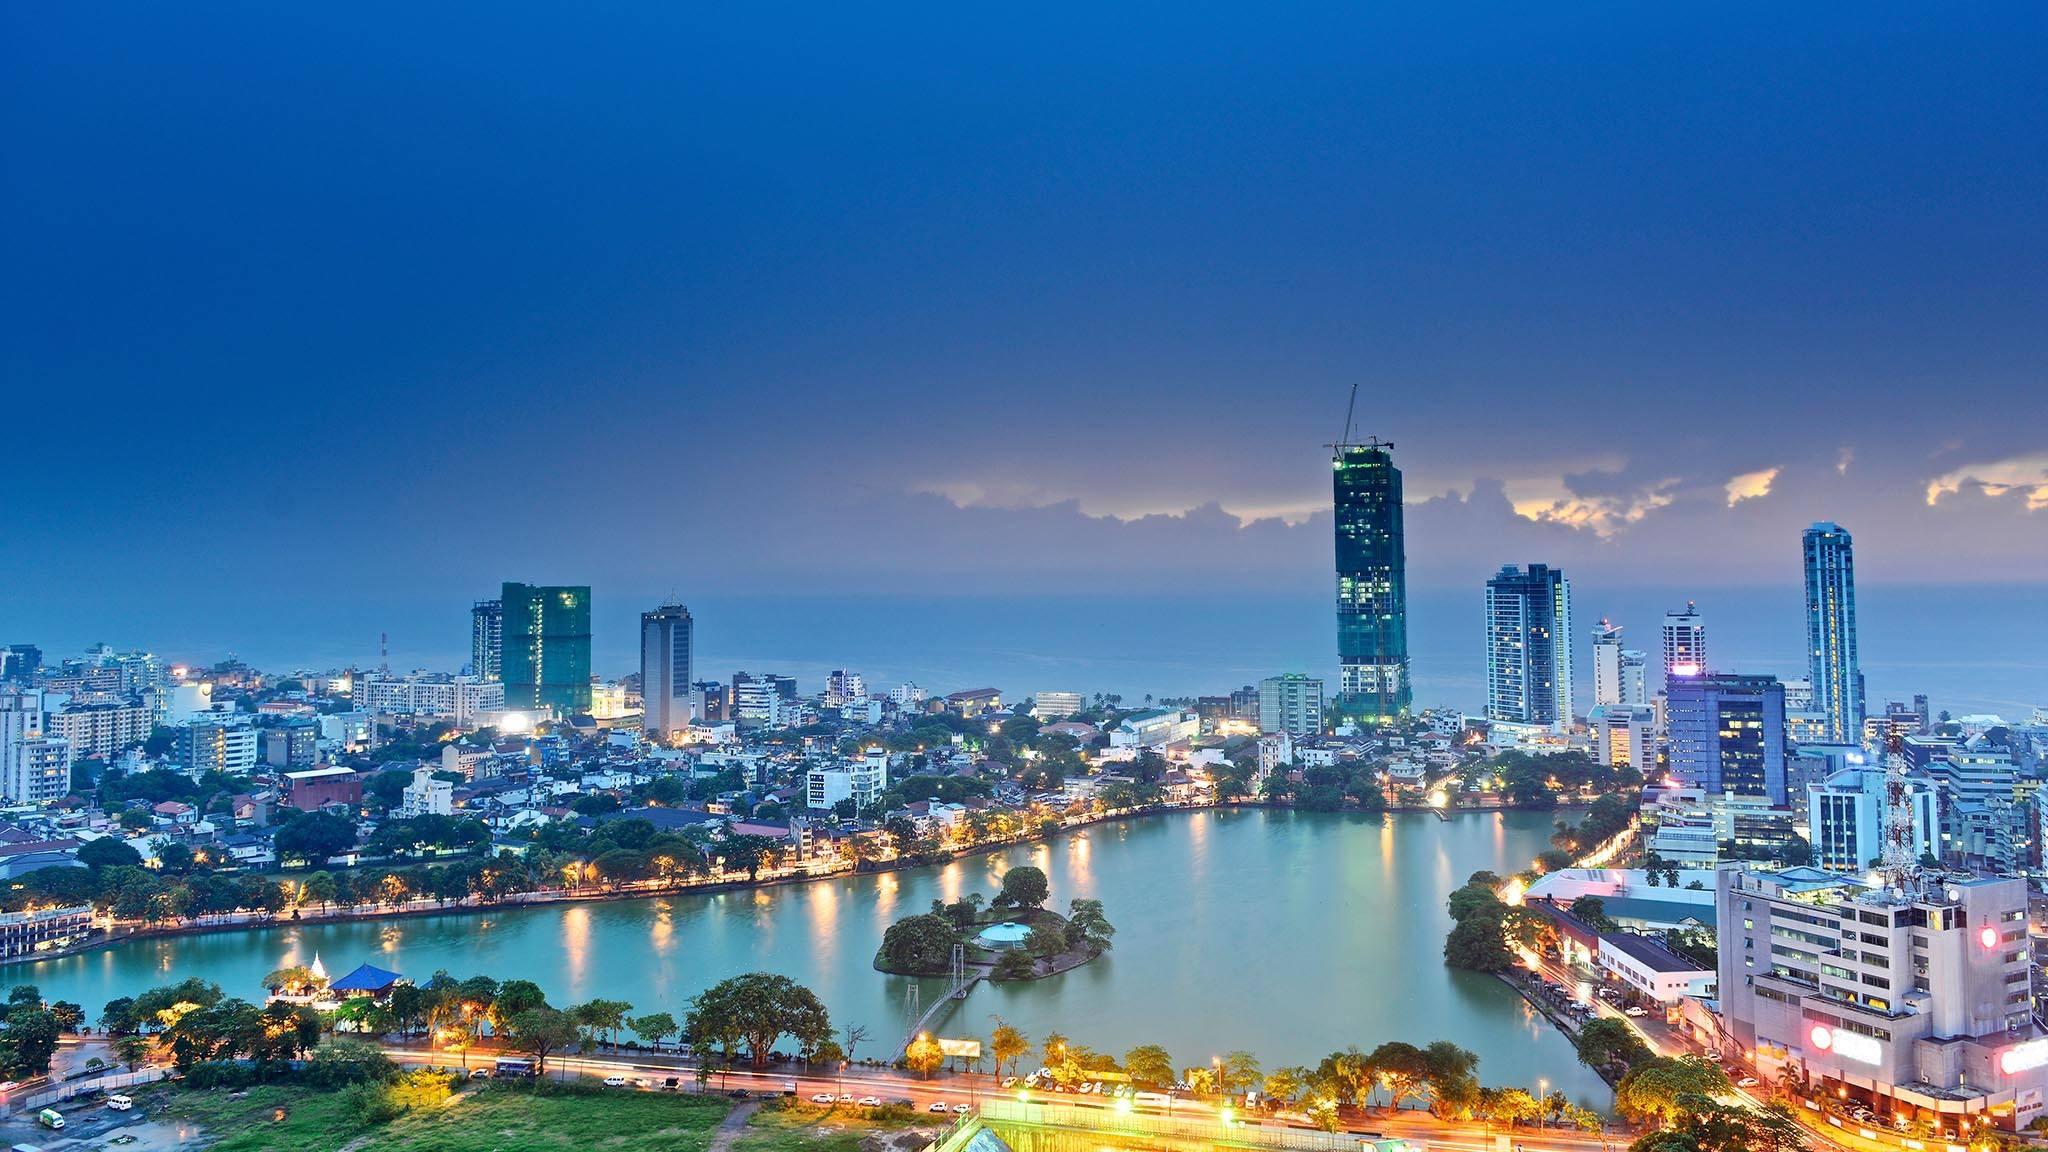 La ville de Colombo au Sri Lanka